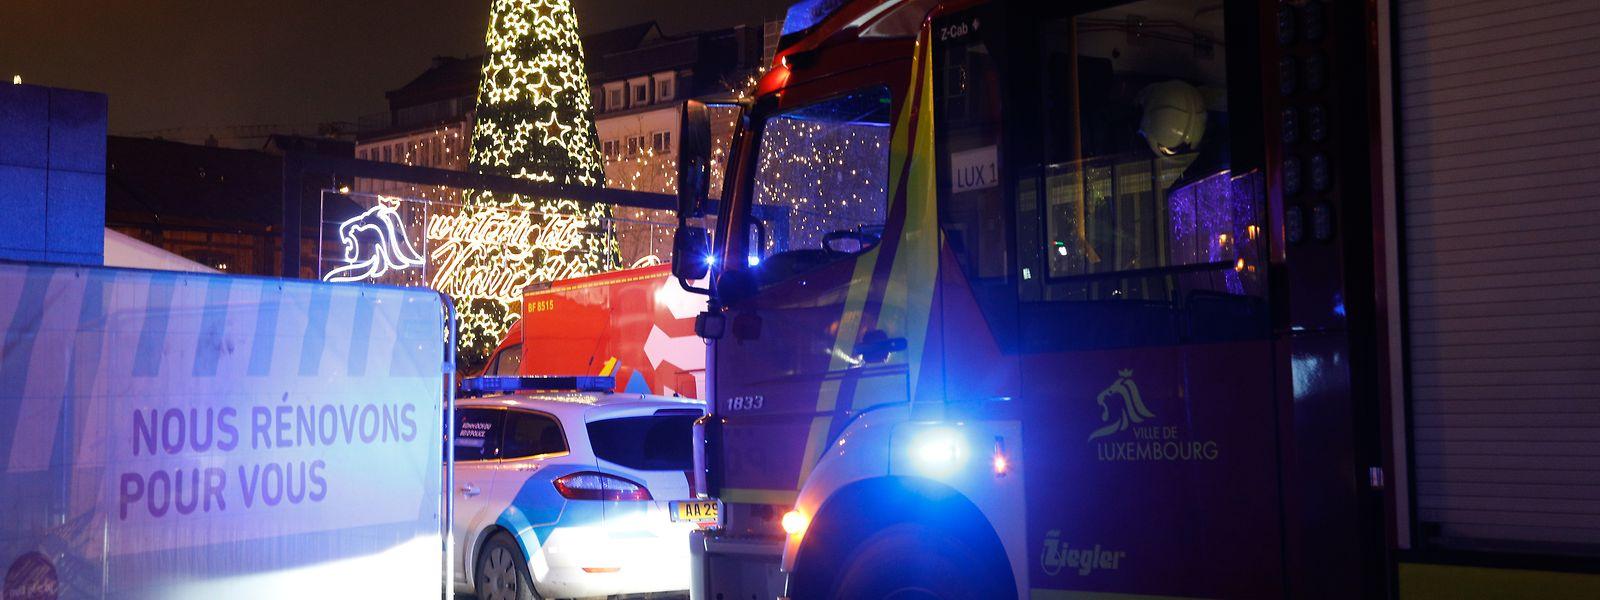 Der Knuedler war am Sonntagabend nach dem Unfall evakuiert und abgesperrt worden.